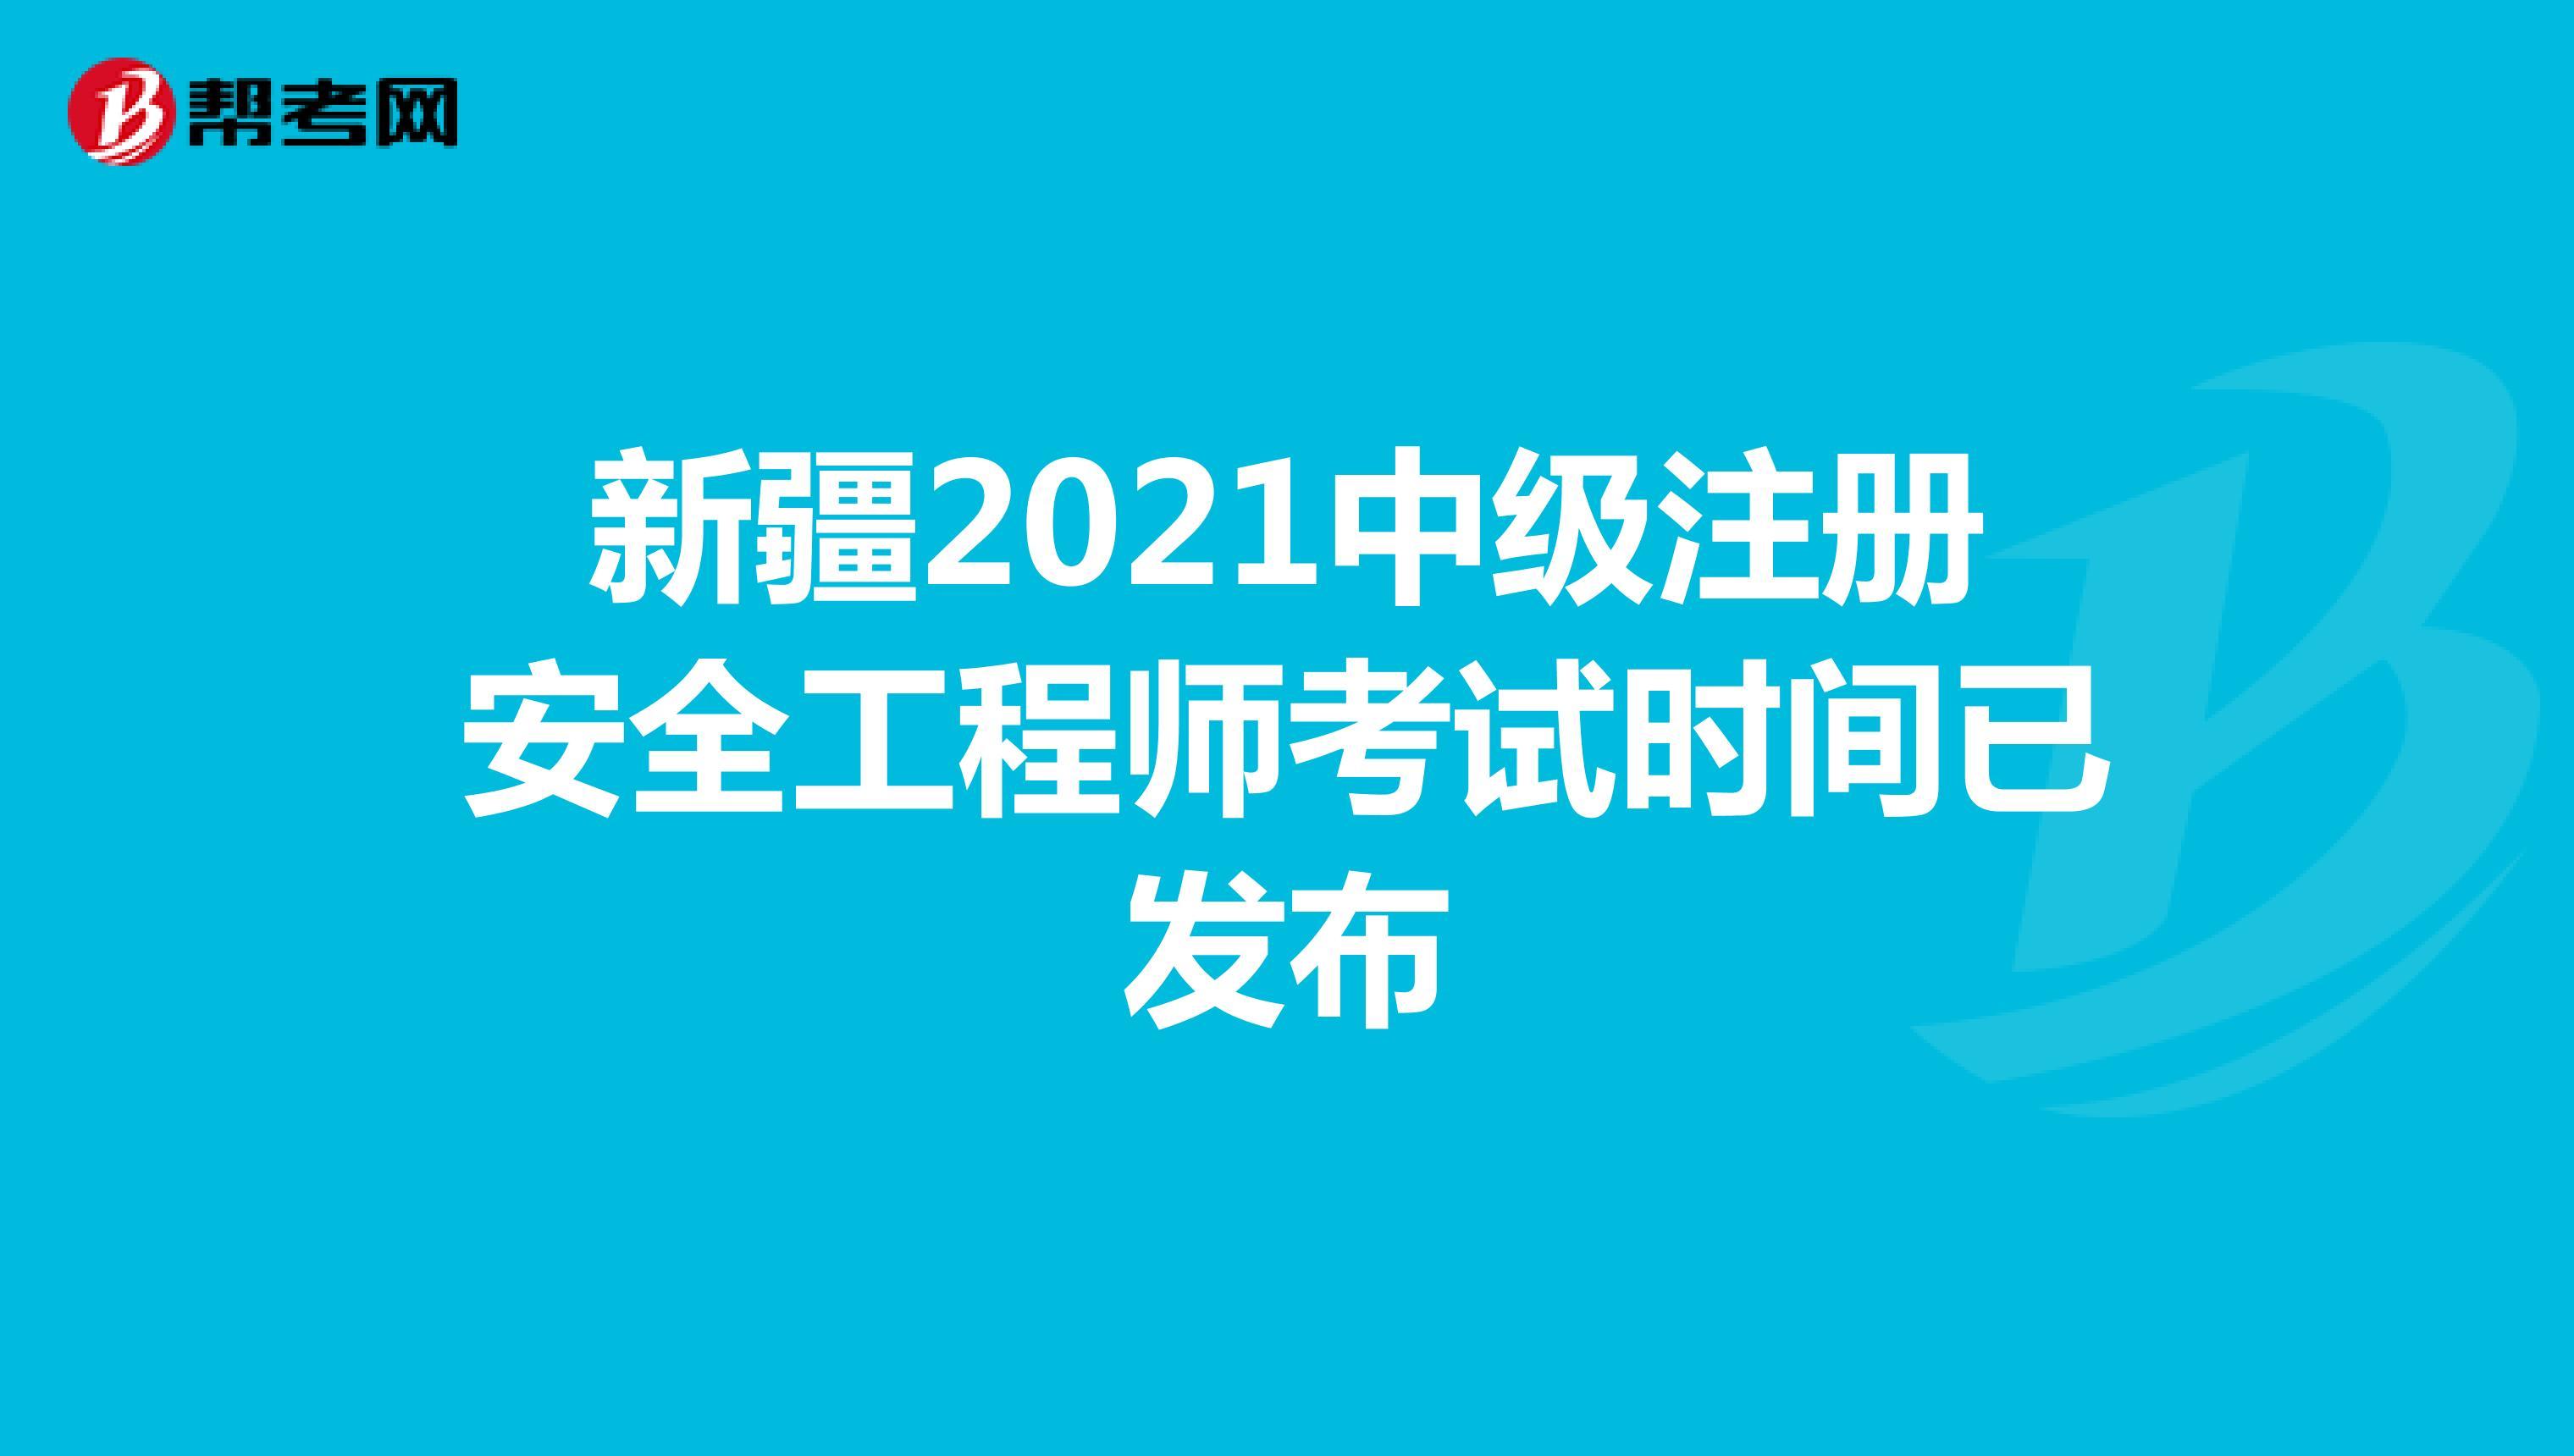 新疆2021中级注册安全工程师考试时间已发布